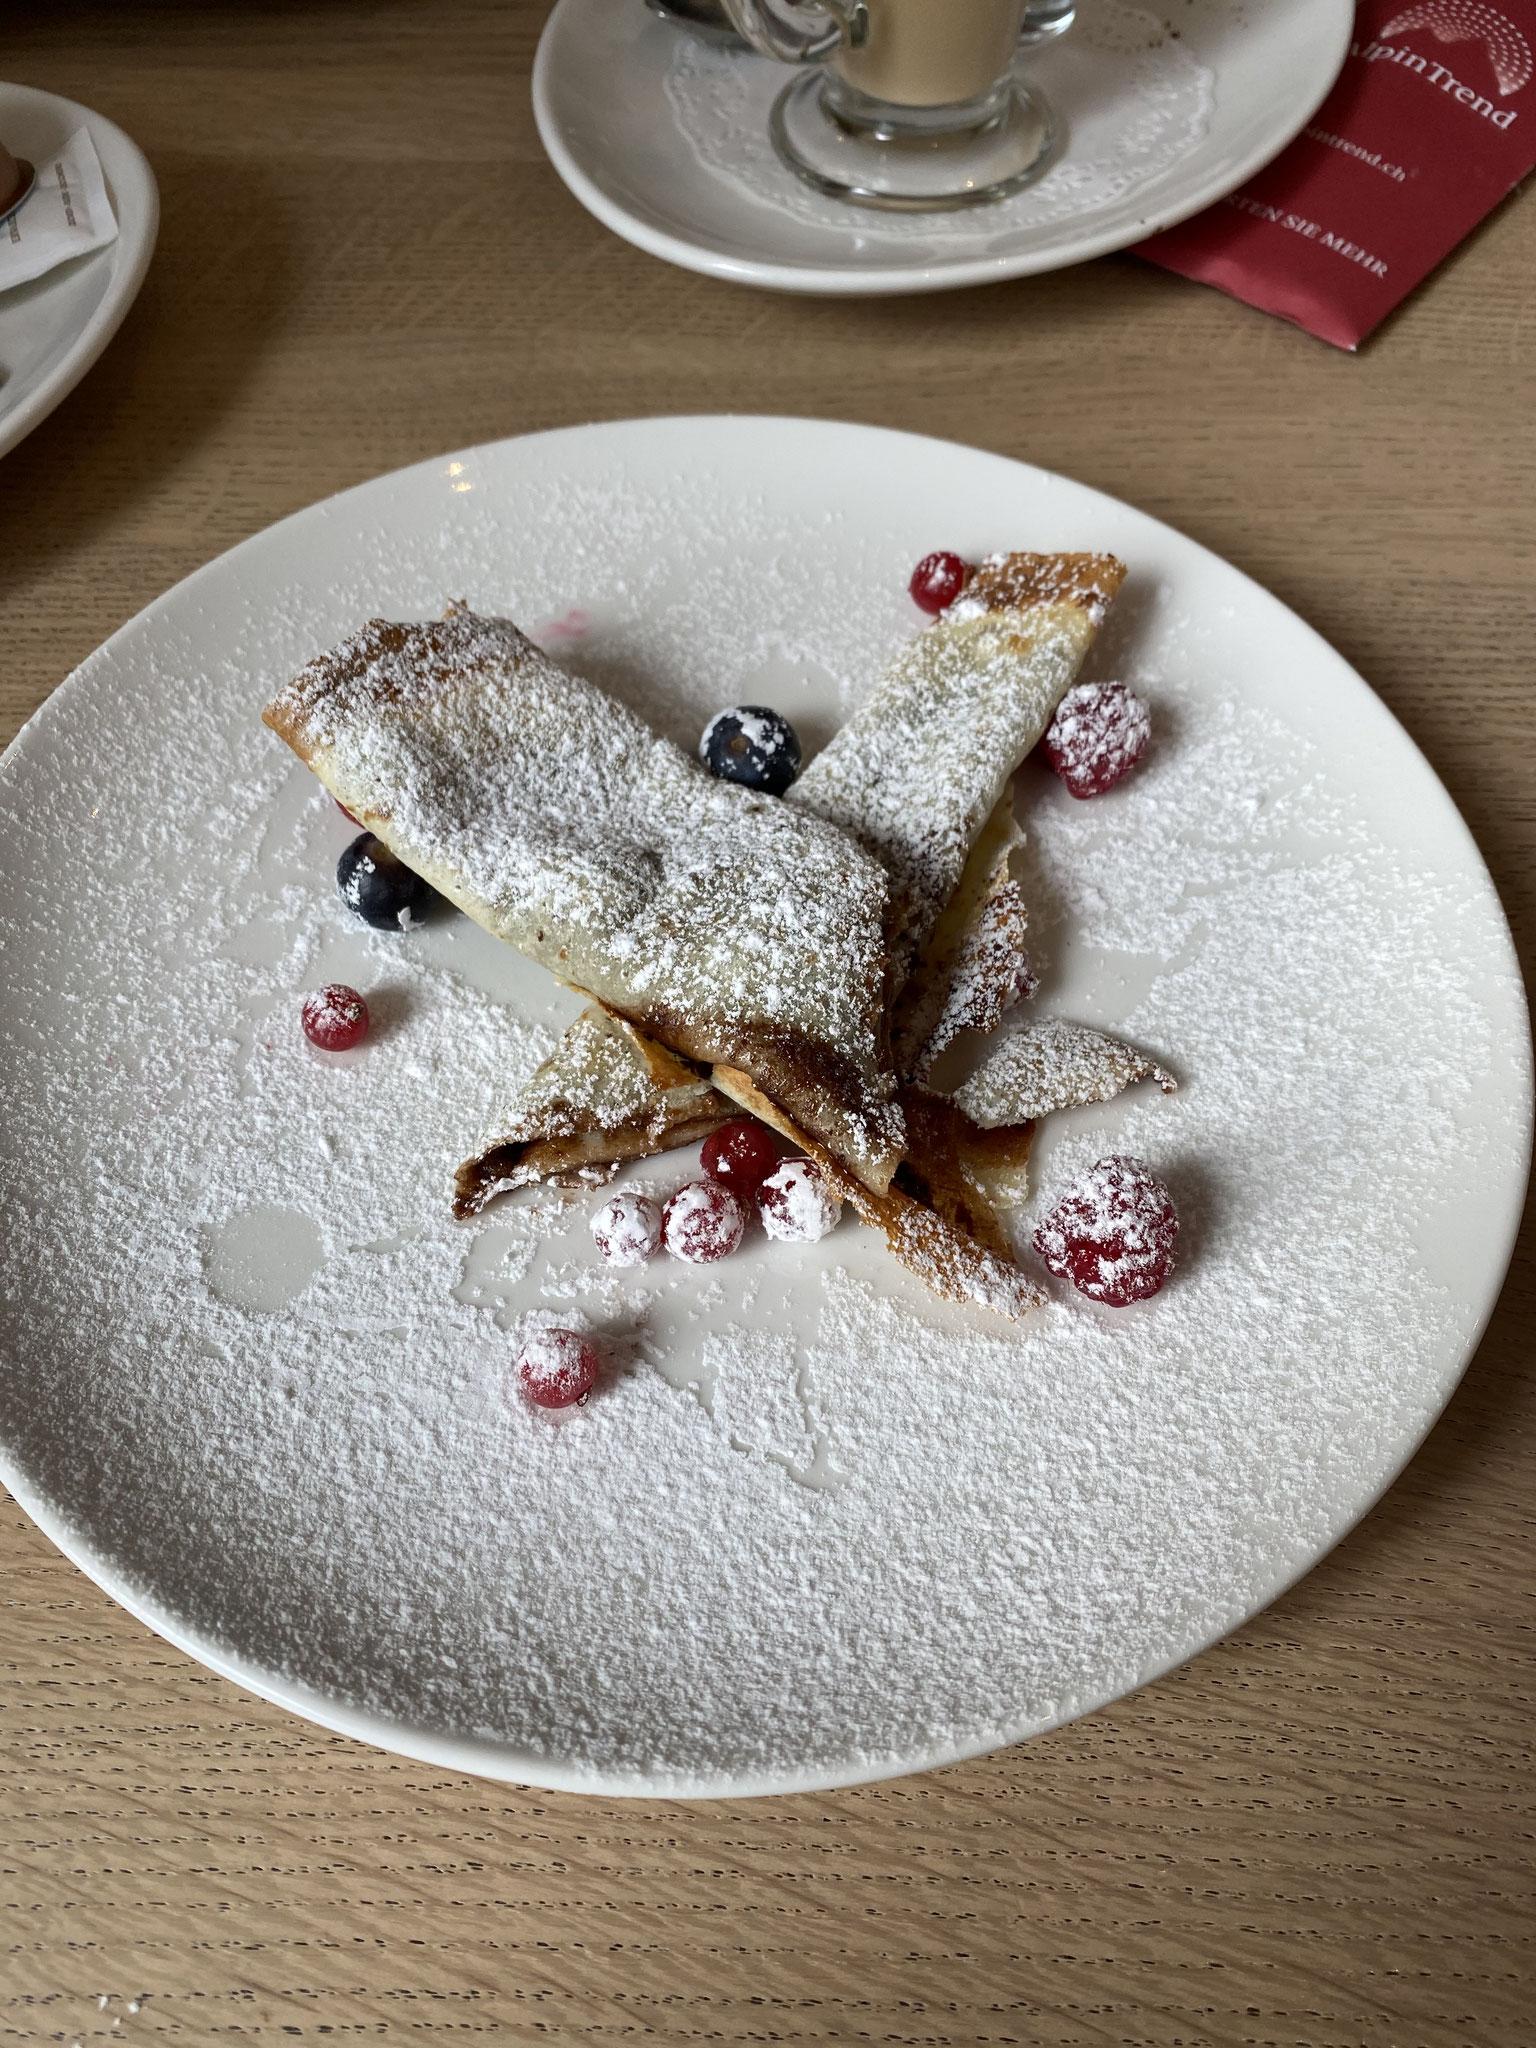 und Dessert